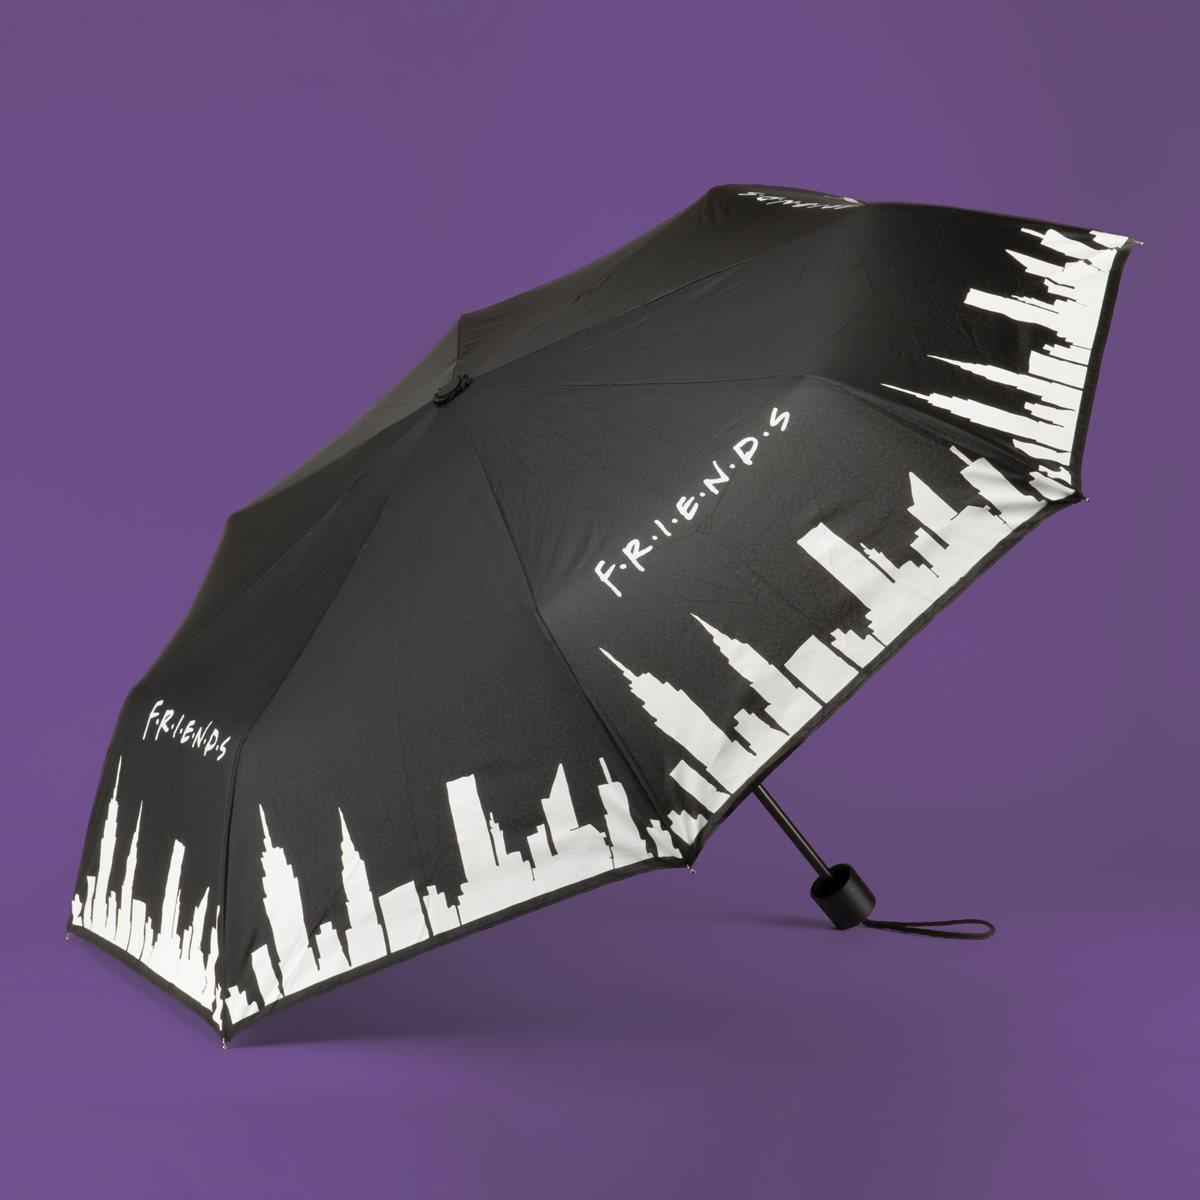 Friends TV Show Colour Change Umbrella